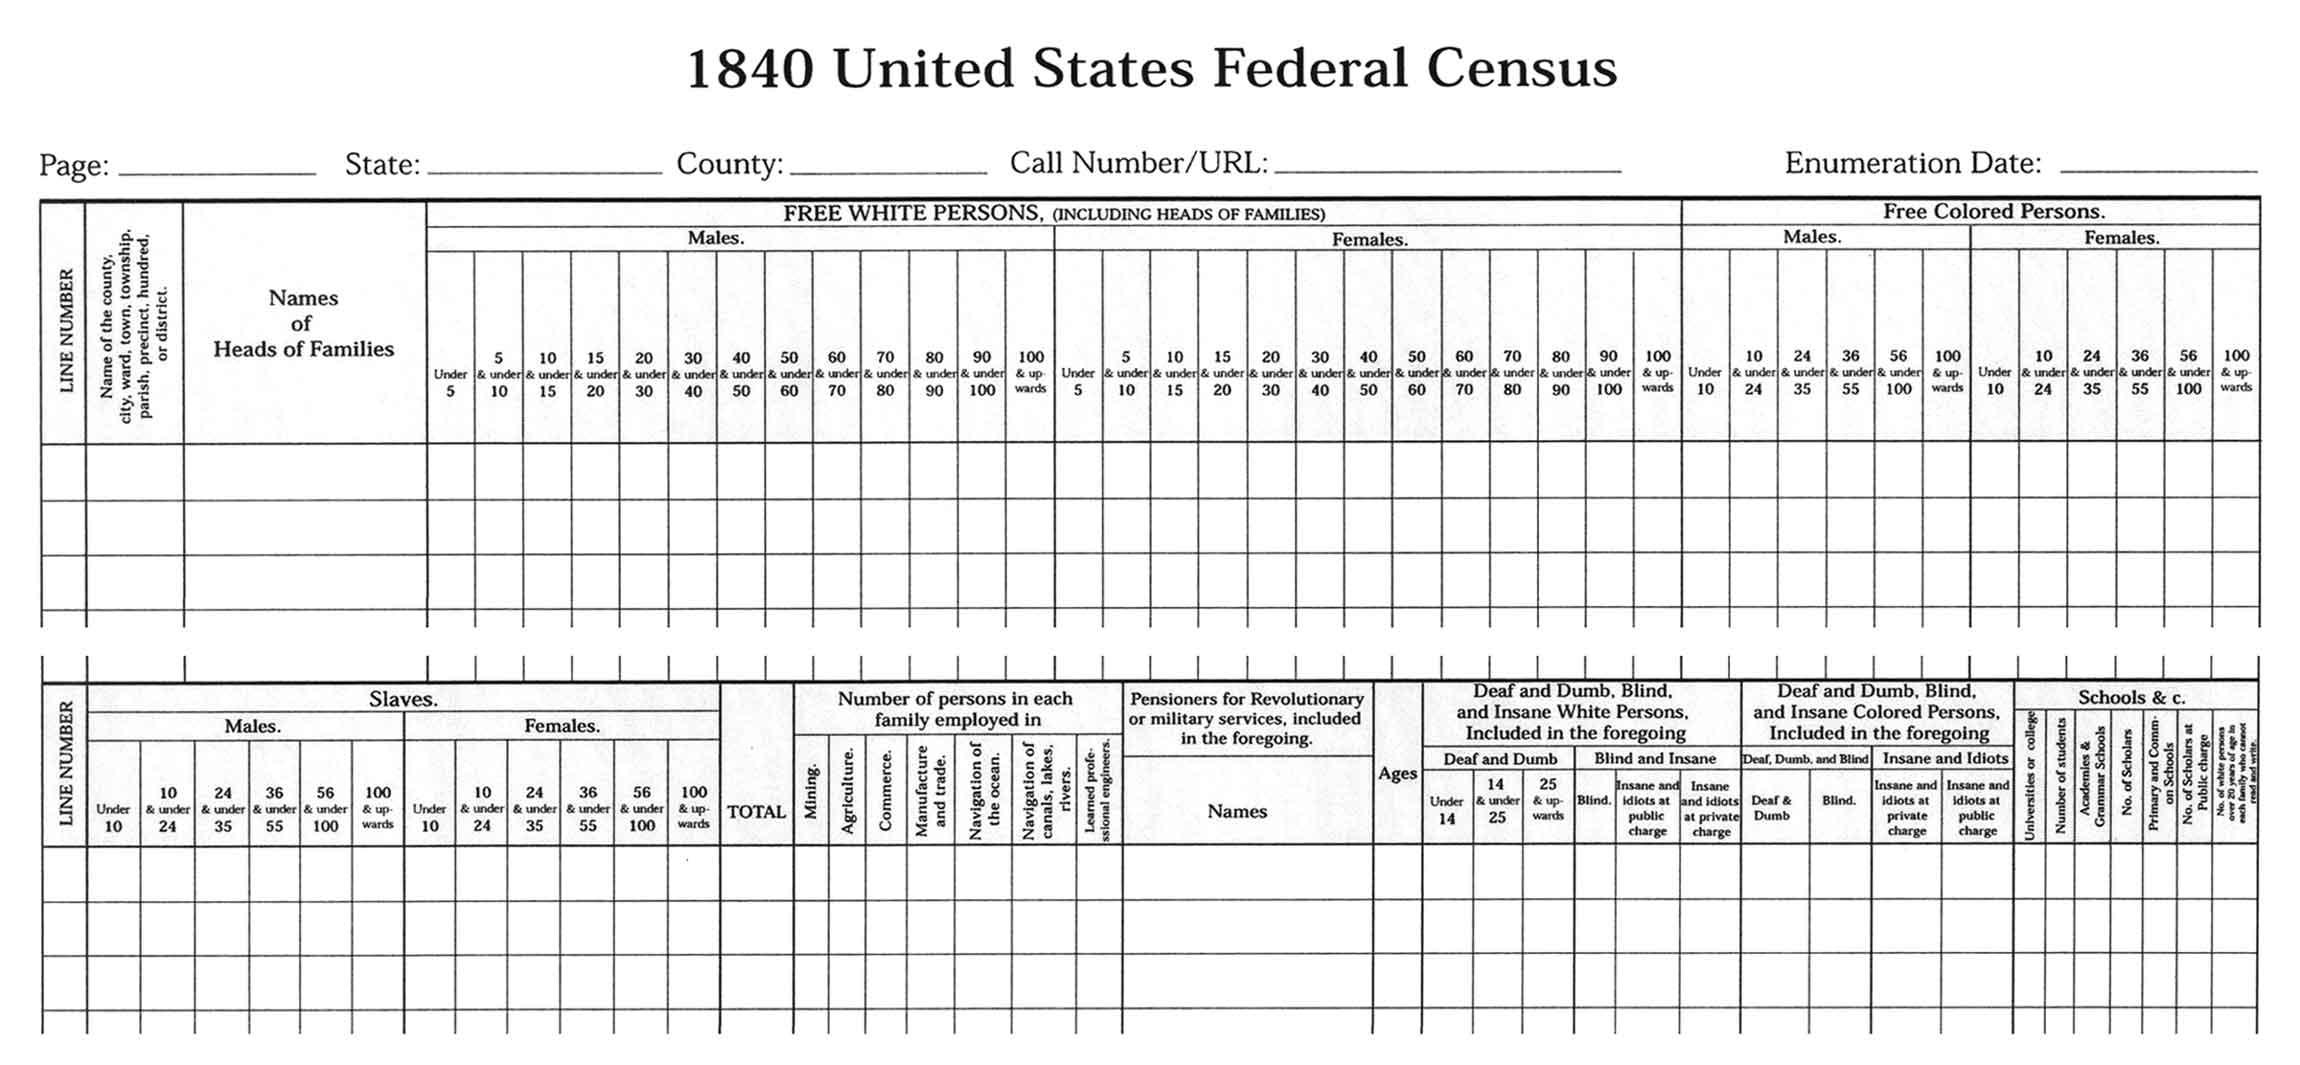 1840 United States Census